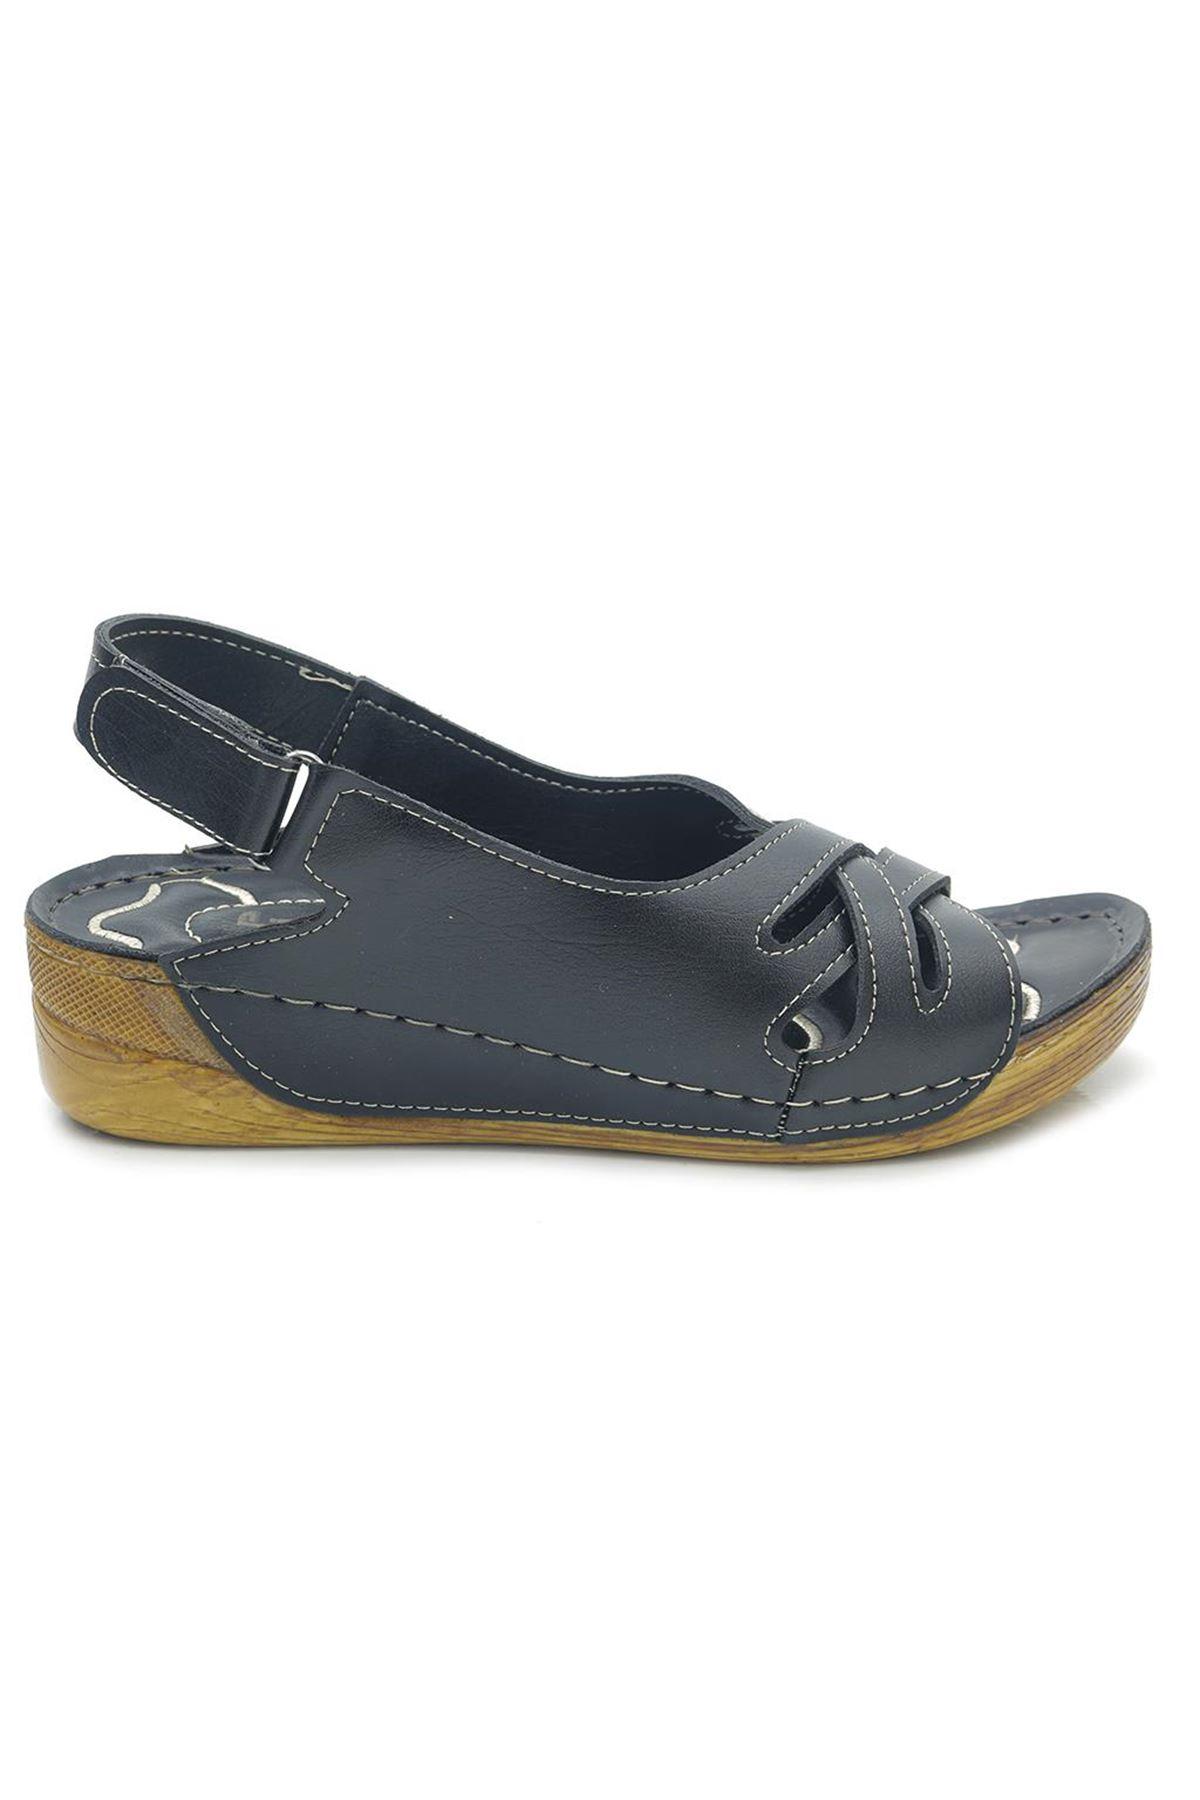 Piolin Günlük Alçak Günlük Kadın Sandalet